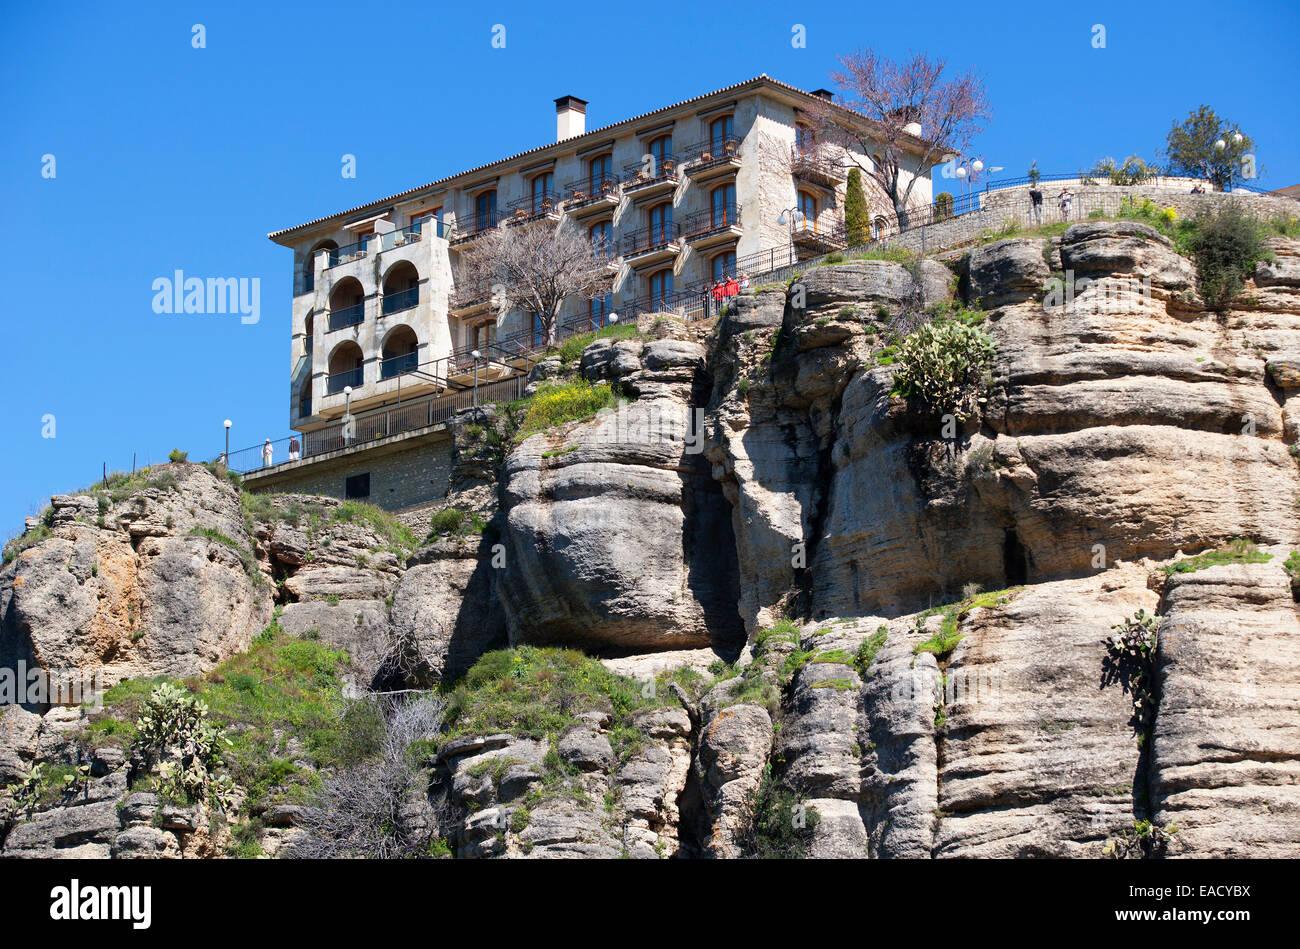 Parador de Turismo, hotel, centro storico, Ronda, provincia di Malaga, Andalusia, Spagna Immagini Stock